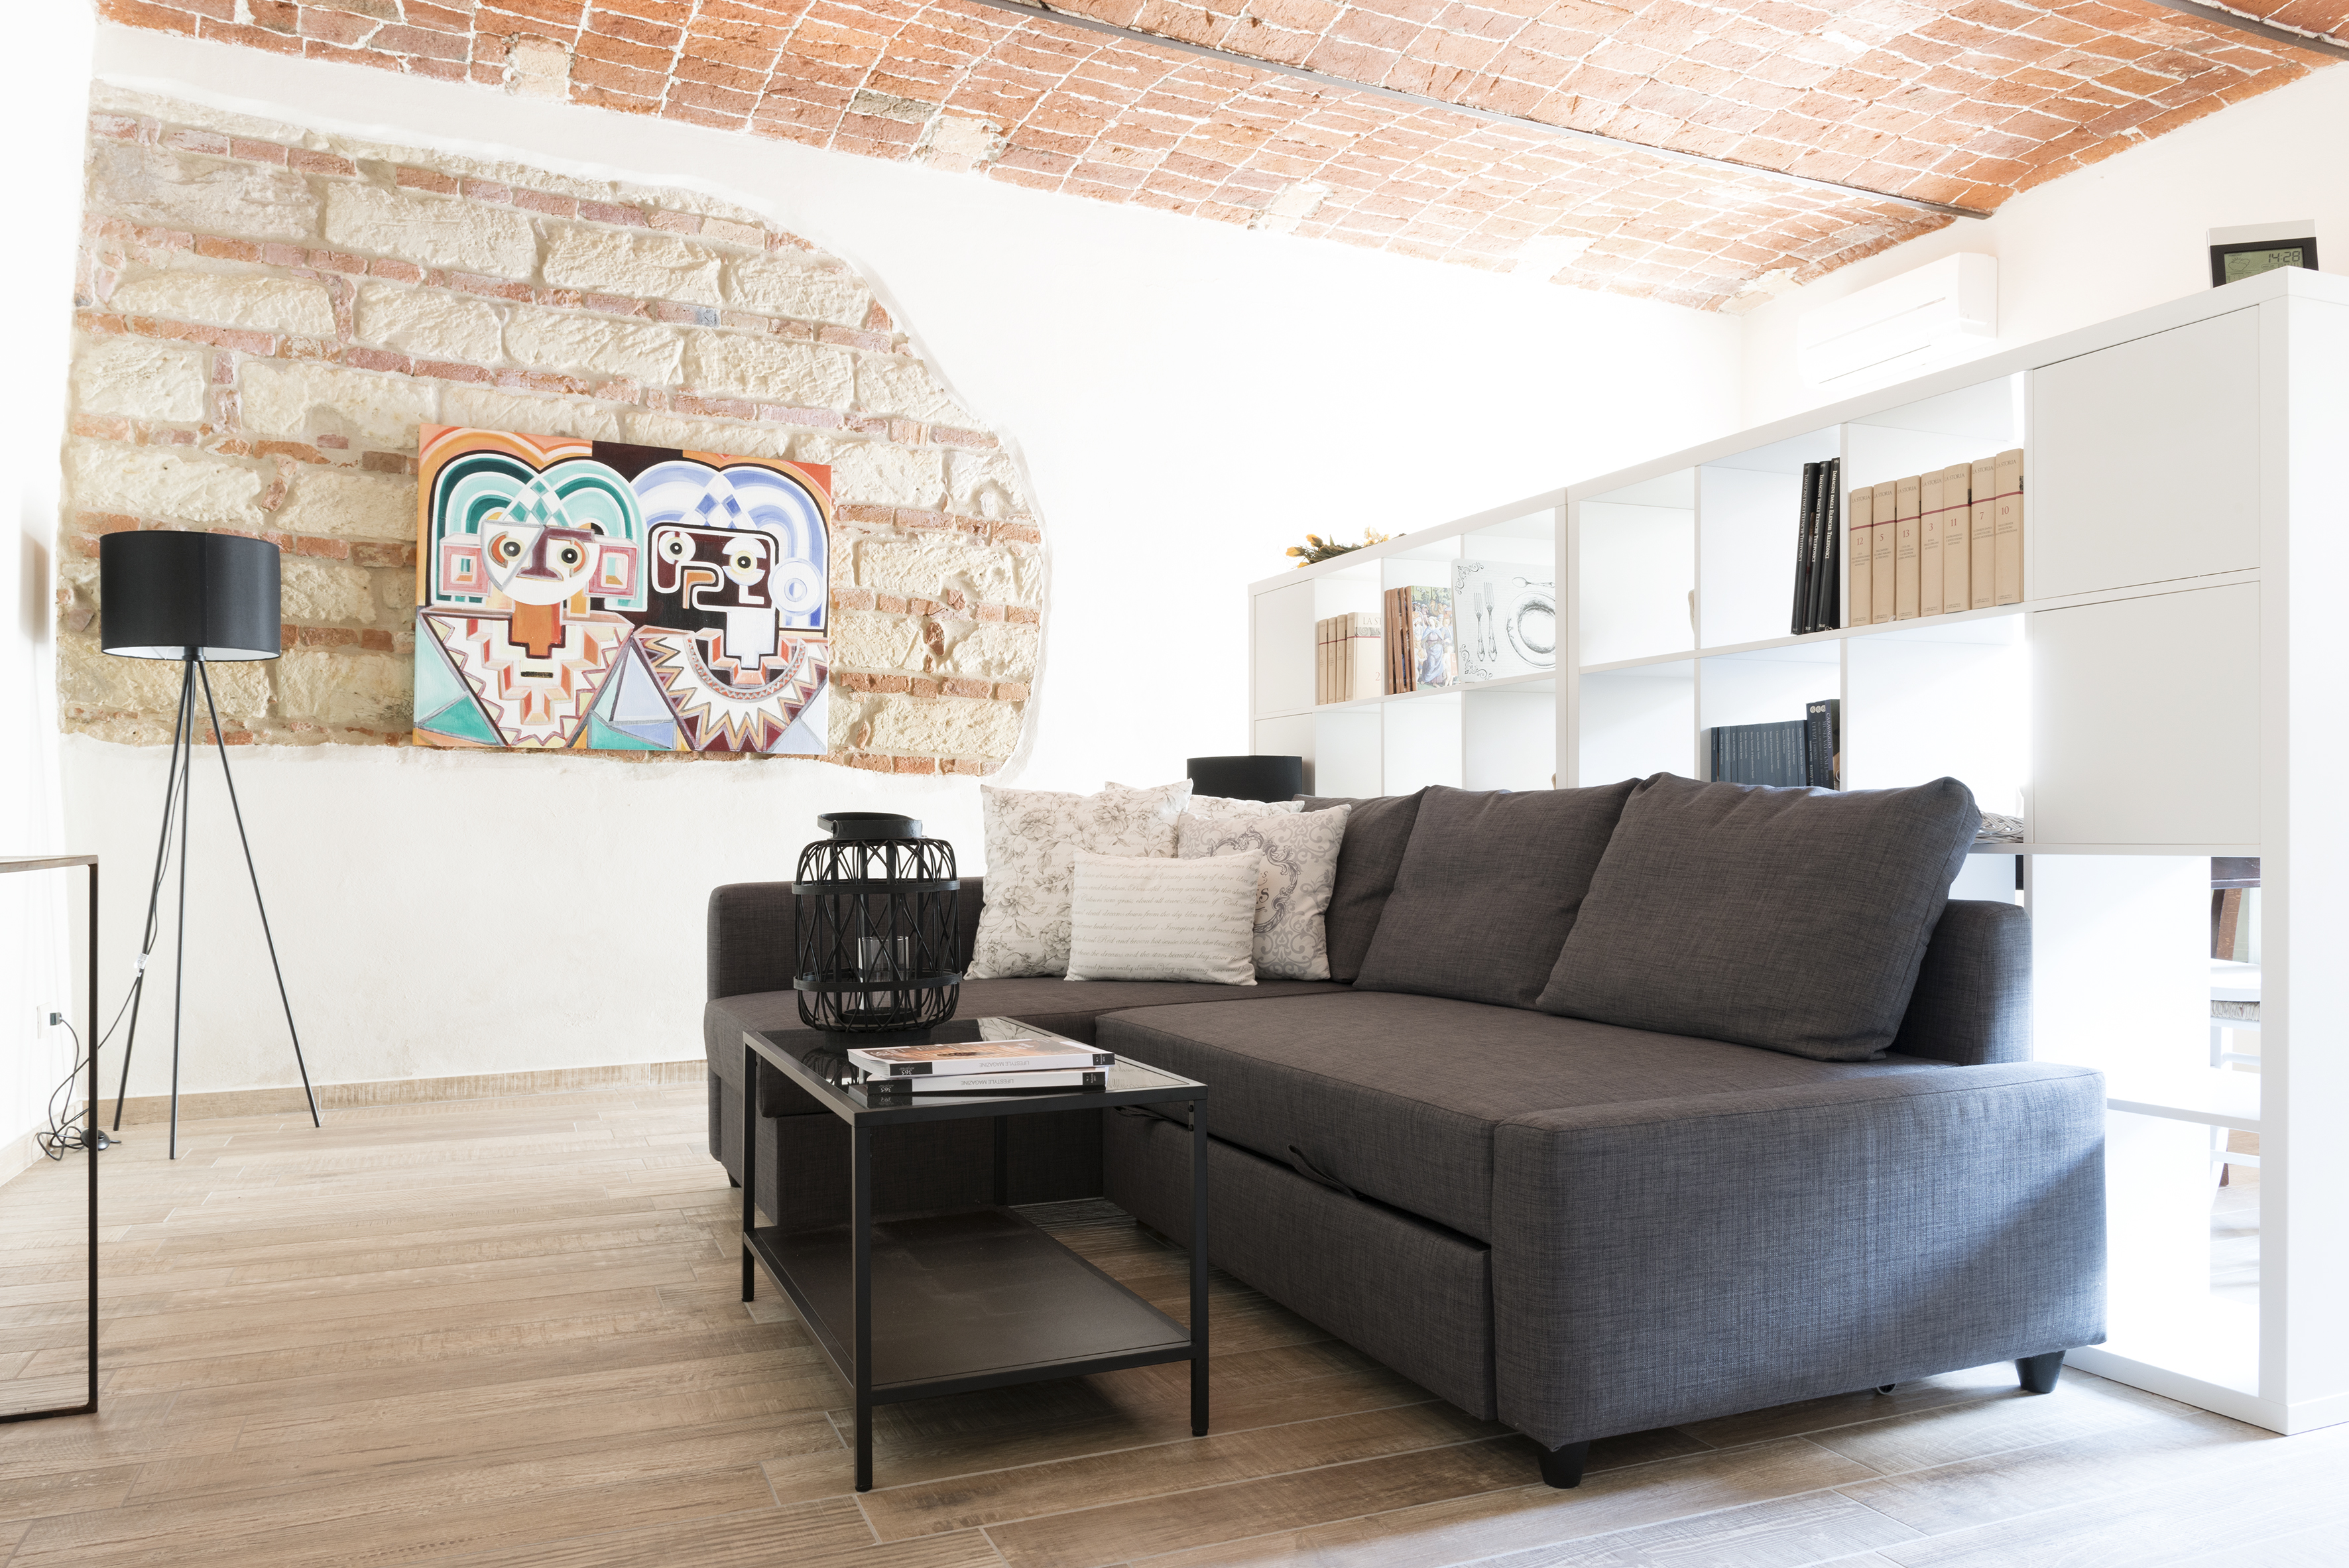 Wohnzimmer Malvasia Wohnung